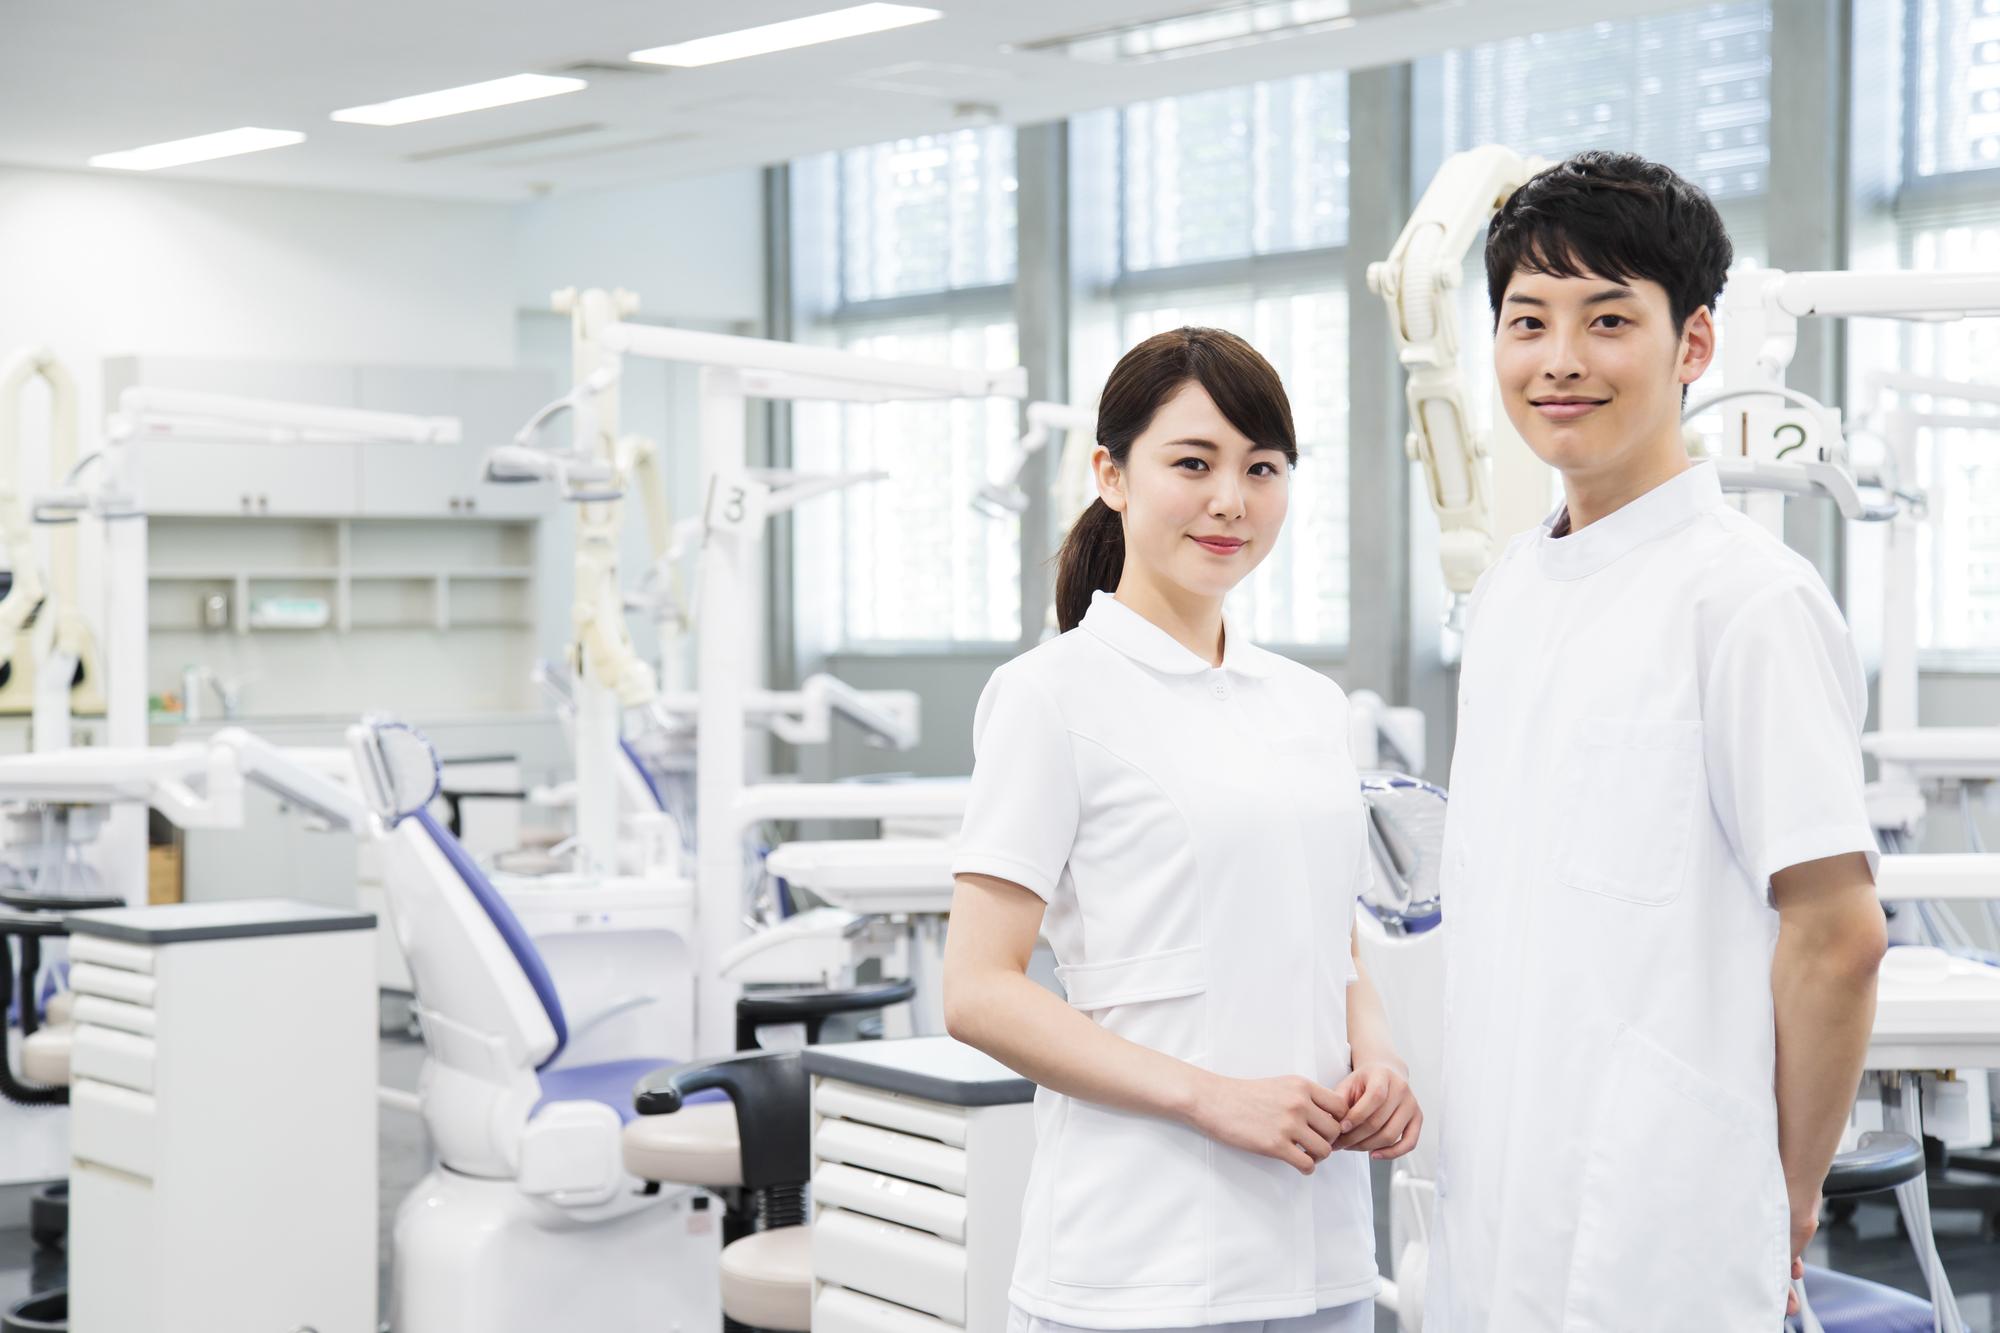 笑顔の歯科医師と歯科衛生士